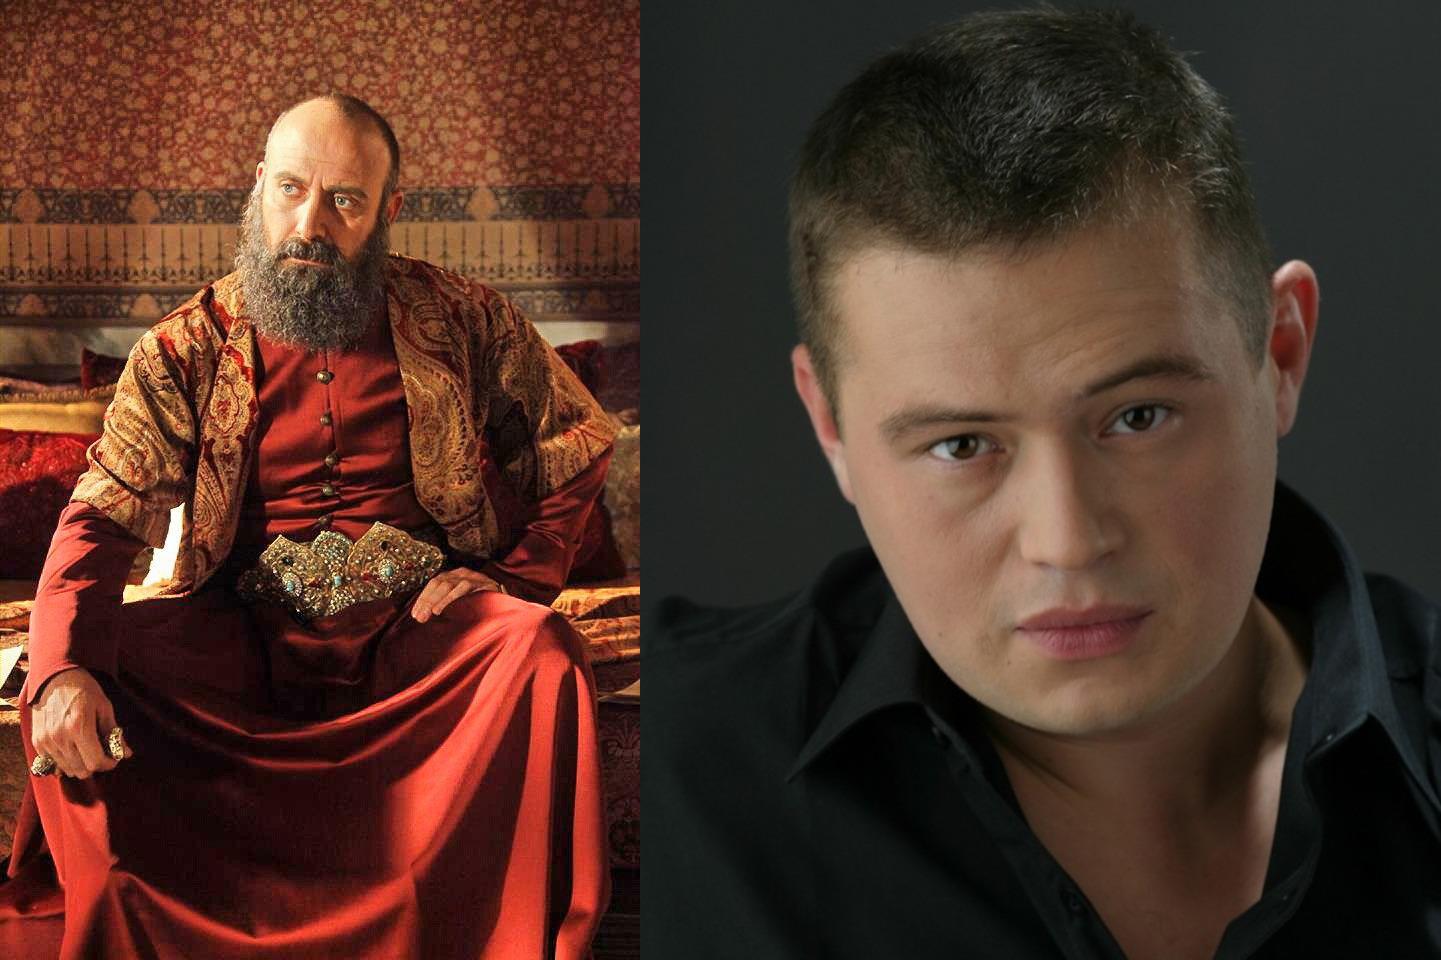 Радик Мухаметзянов — Султан Сулейман